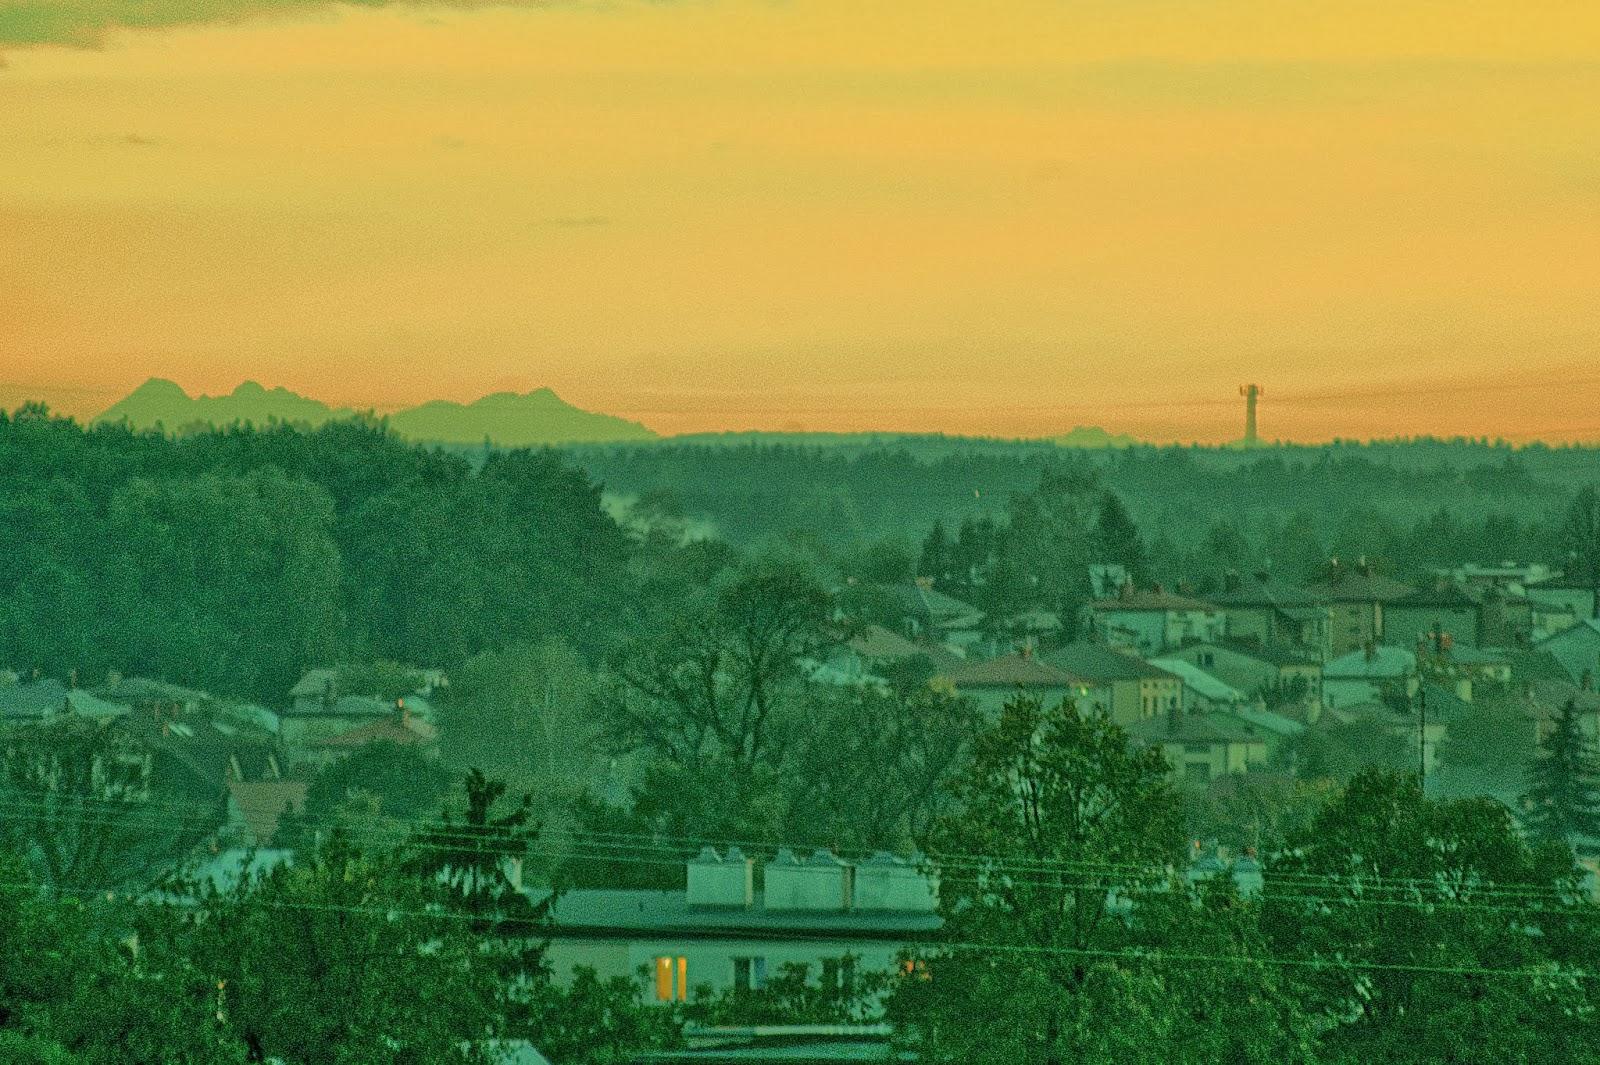 Kolbuszowa, widok na Tatry, Płaskowyż Kolbuszowski, Puszcza Sandomierska